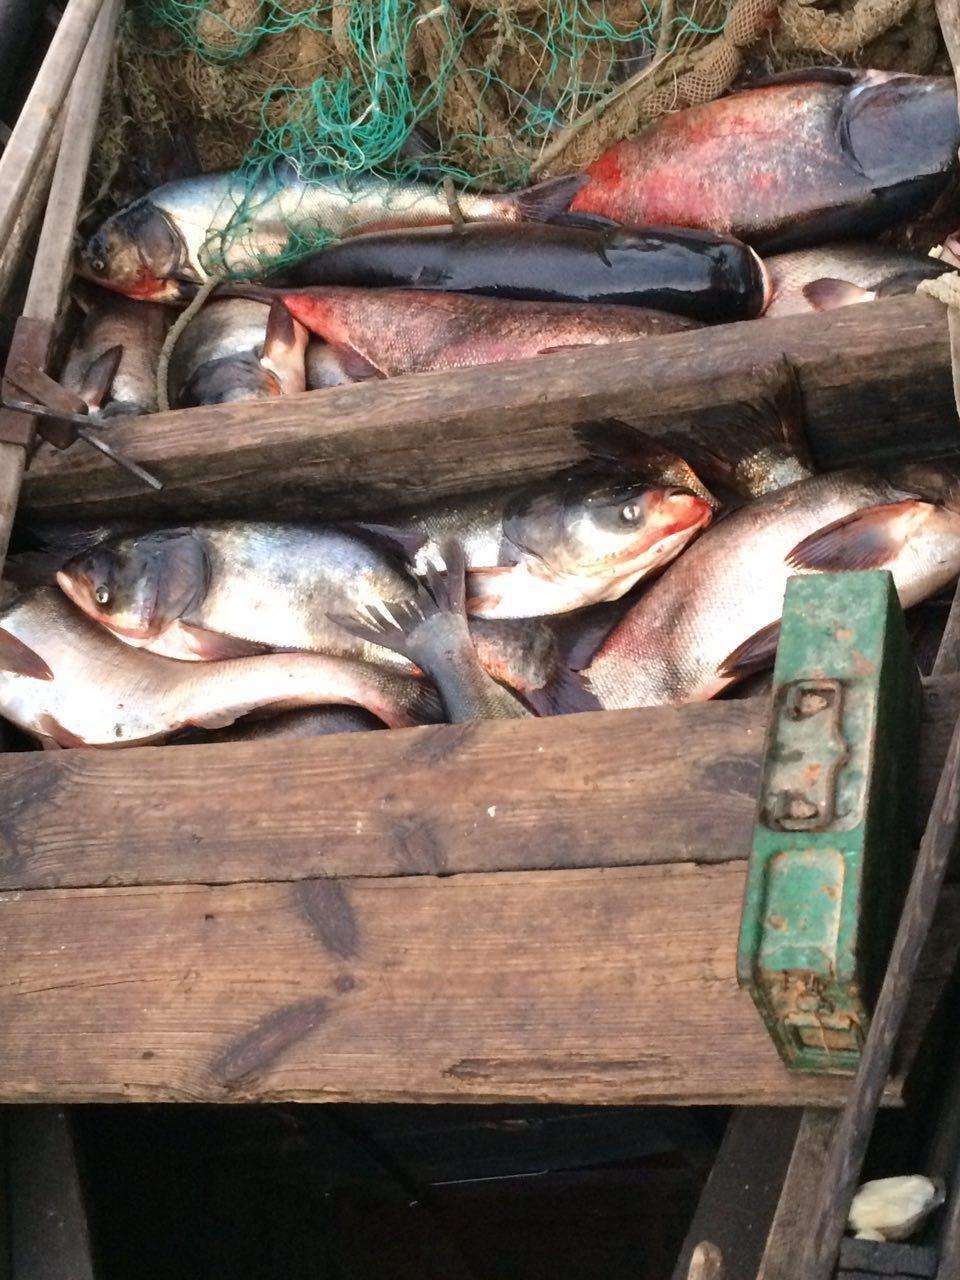 За месяц работы в Запорожье рыбоохранный патруль зафиксировал почти 300 нарушений, — ФОТО, фото-1